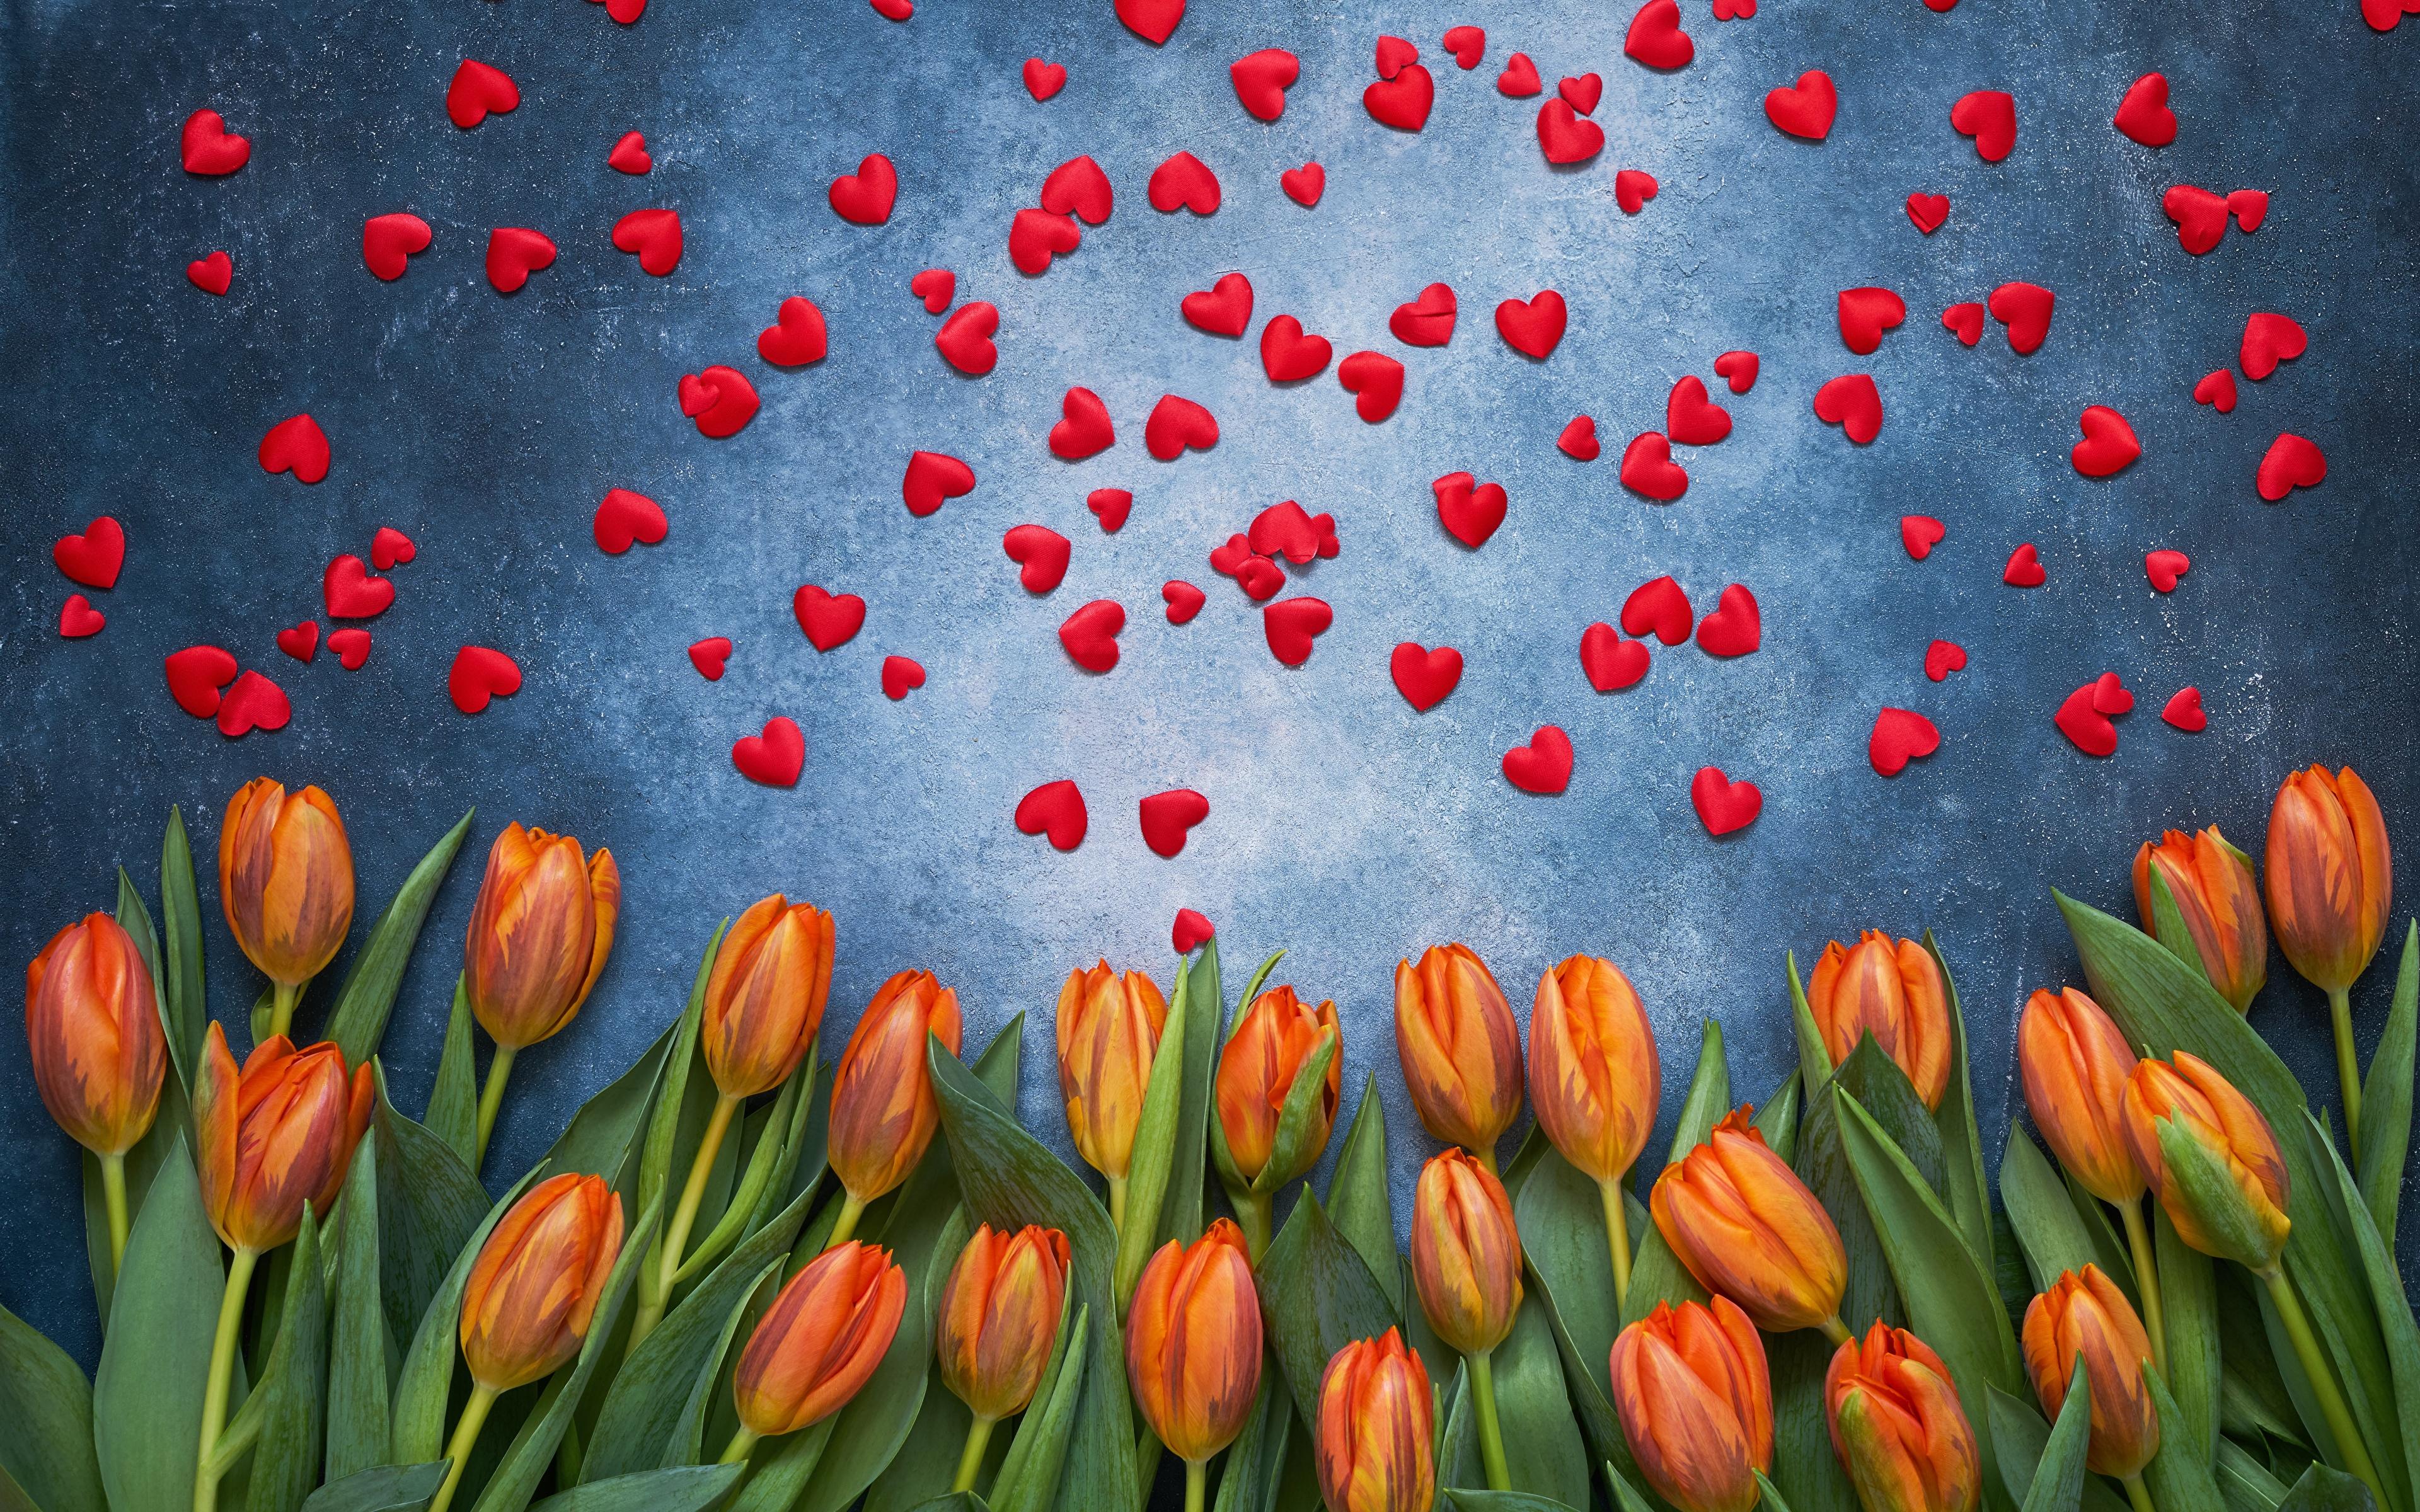 Фотография День святого Валентина сердечко тюльпан цветок 3840x2400 День всех влюблённых серце сердца Сердце Тюльпаны Цветы